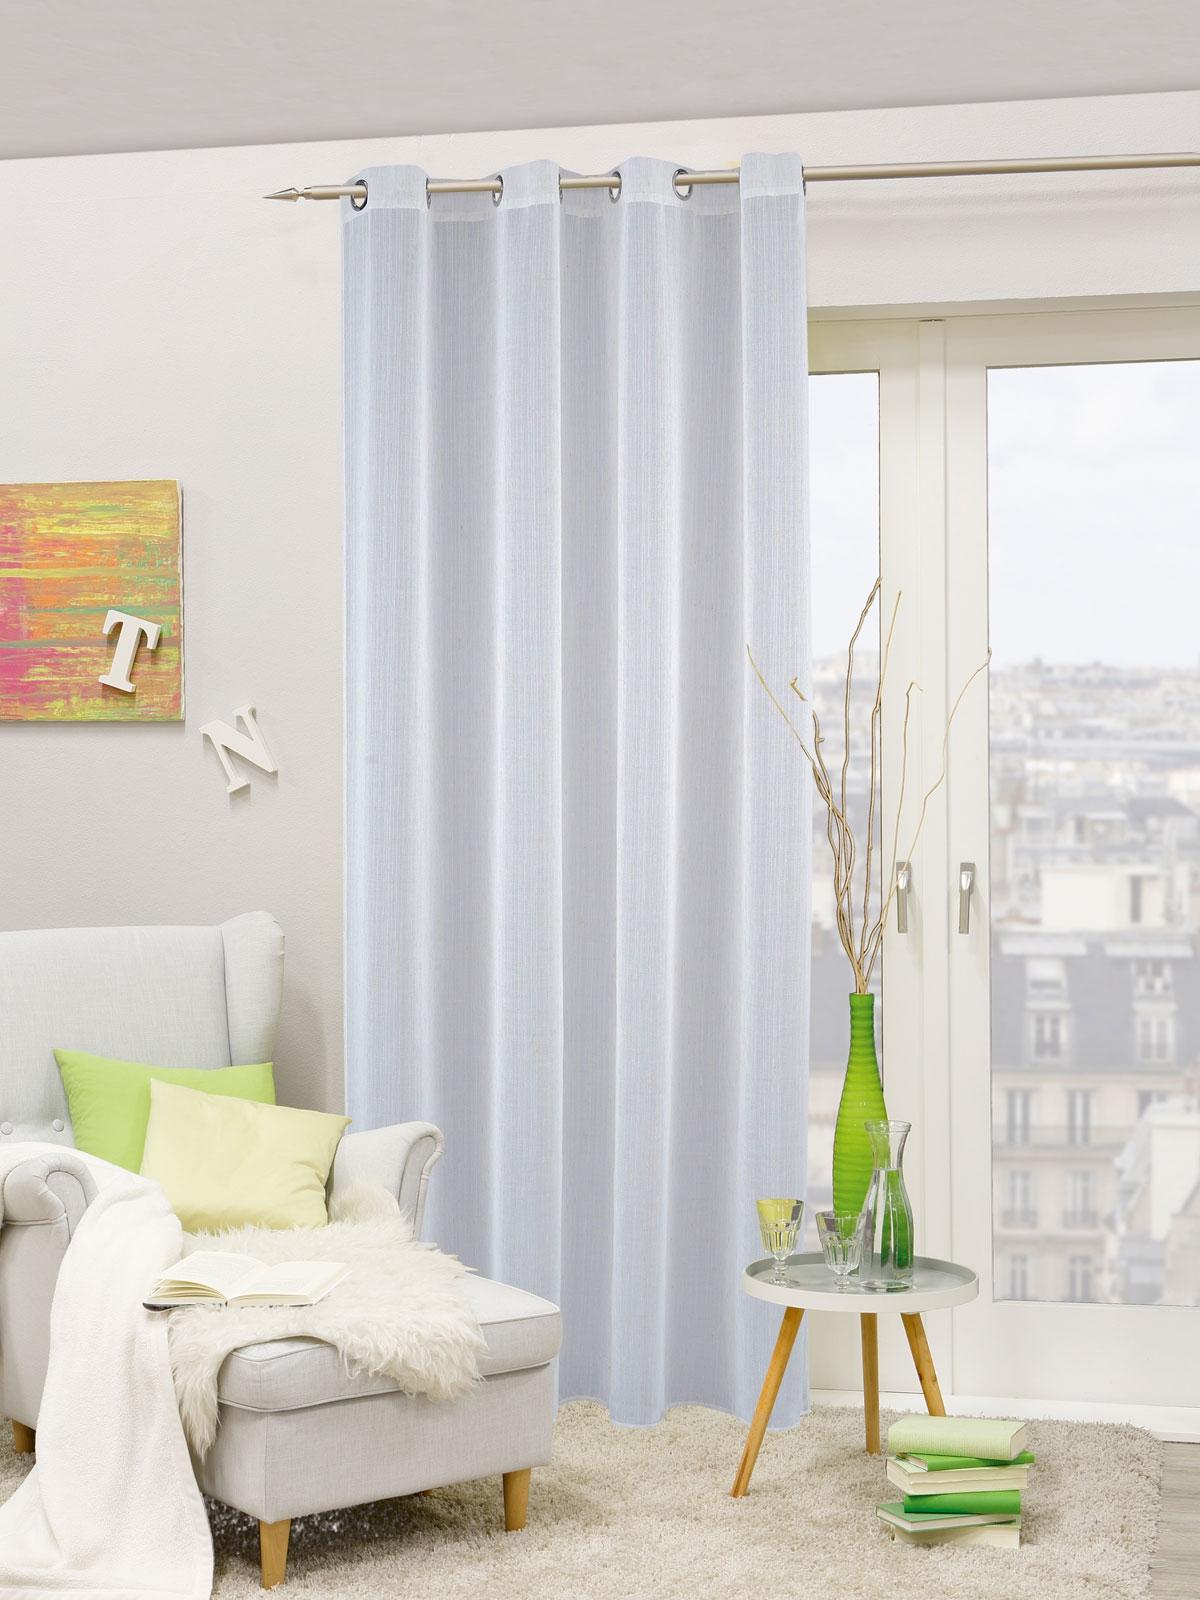 Gardinen und Vorhänge - Ösenschal Vorhang Gardine 140x245 lichtdurchlässig mit Metallösen Carmen 898108  - Onlineshop PremiumShop321